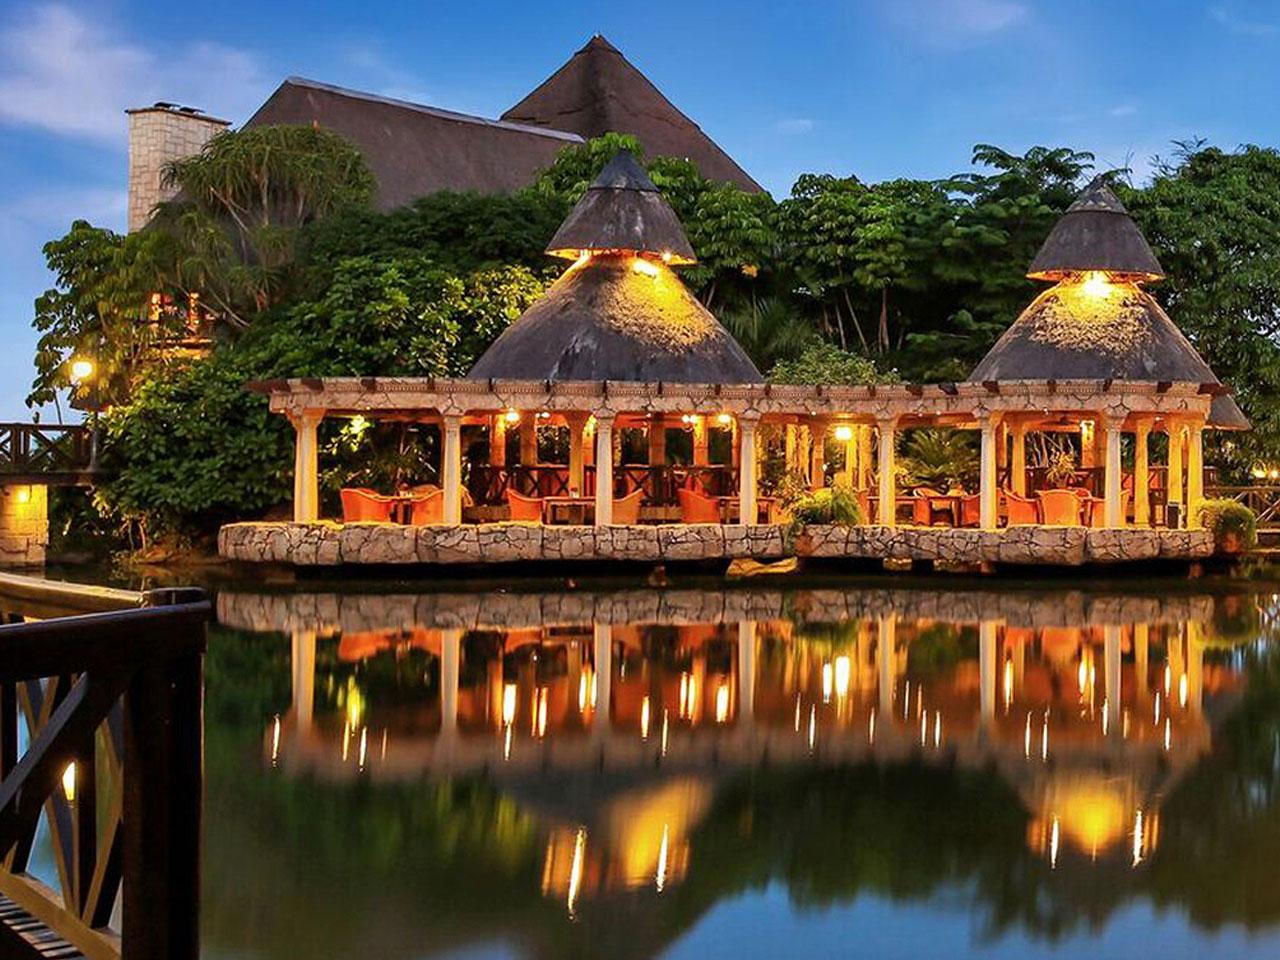 Summerfields Resort